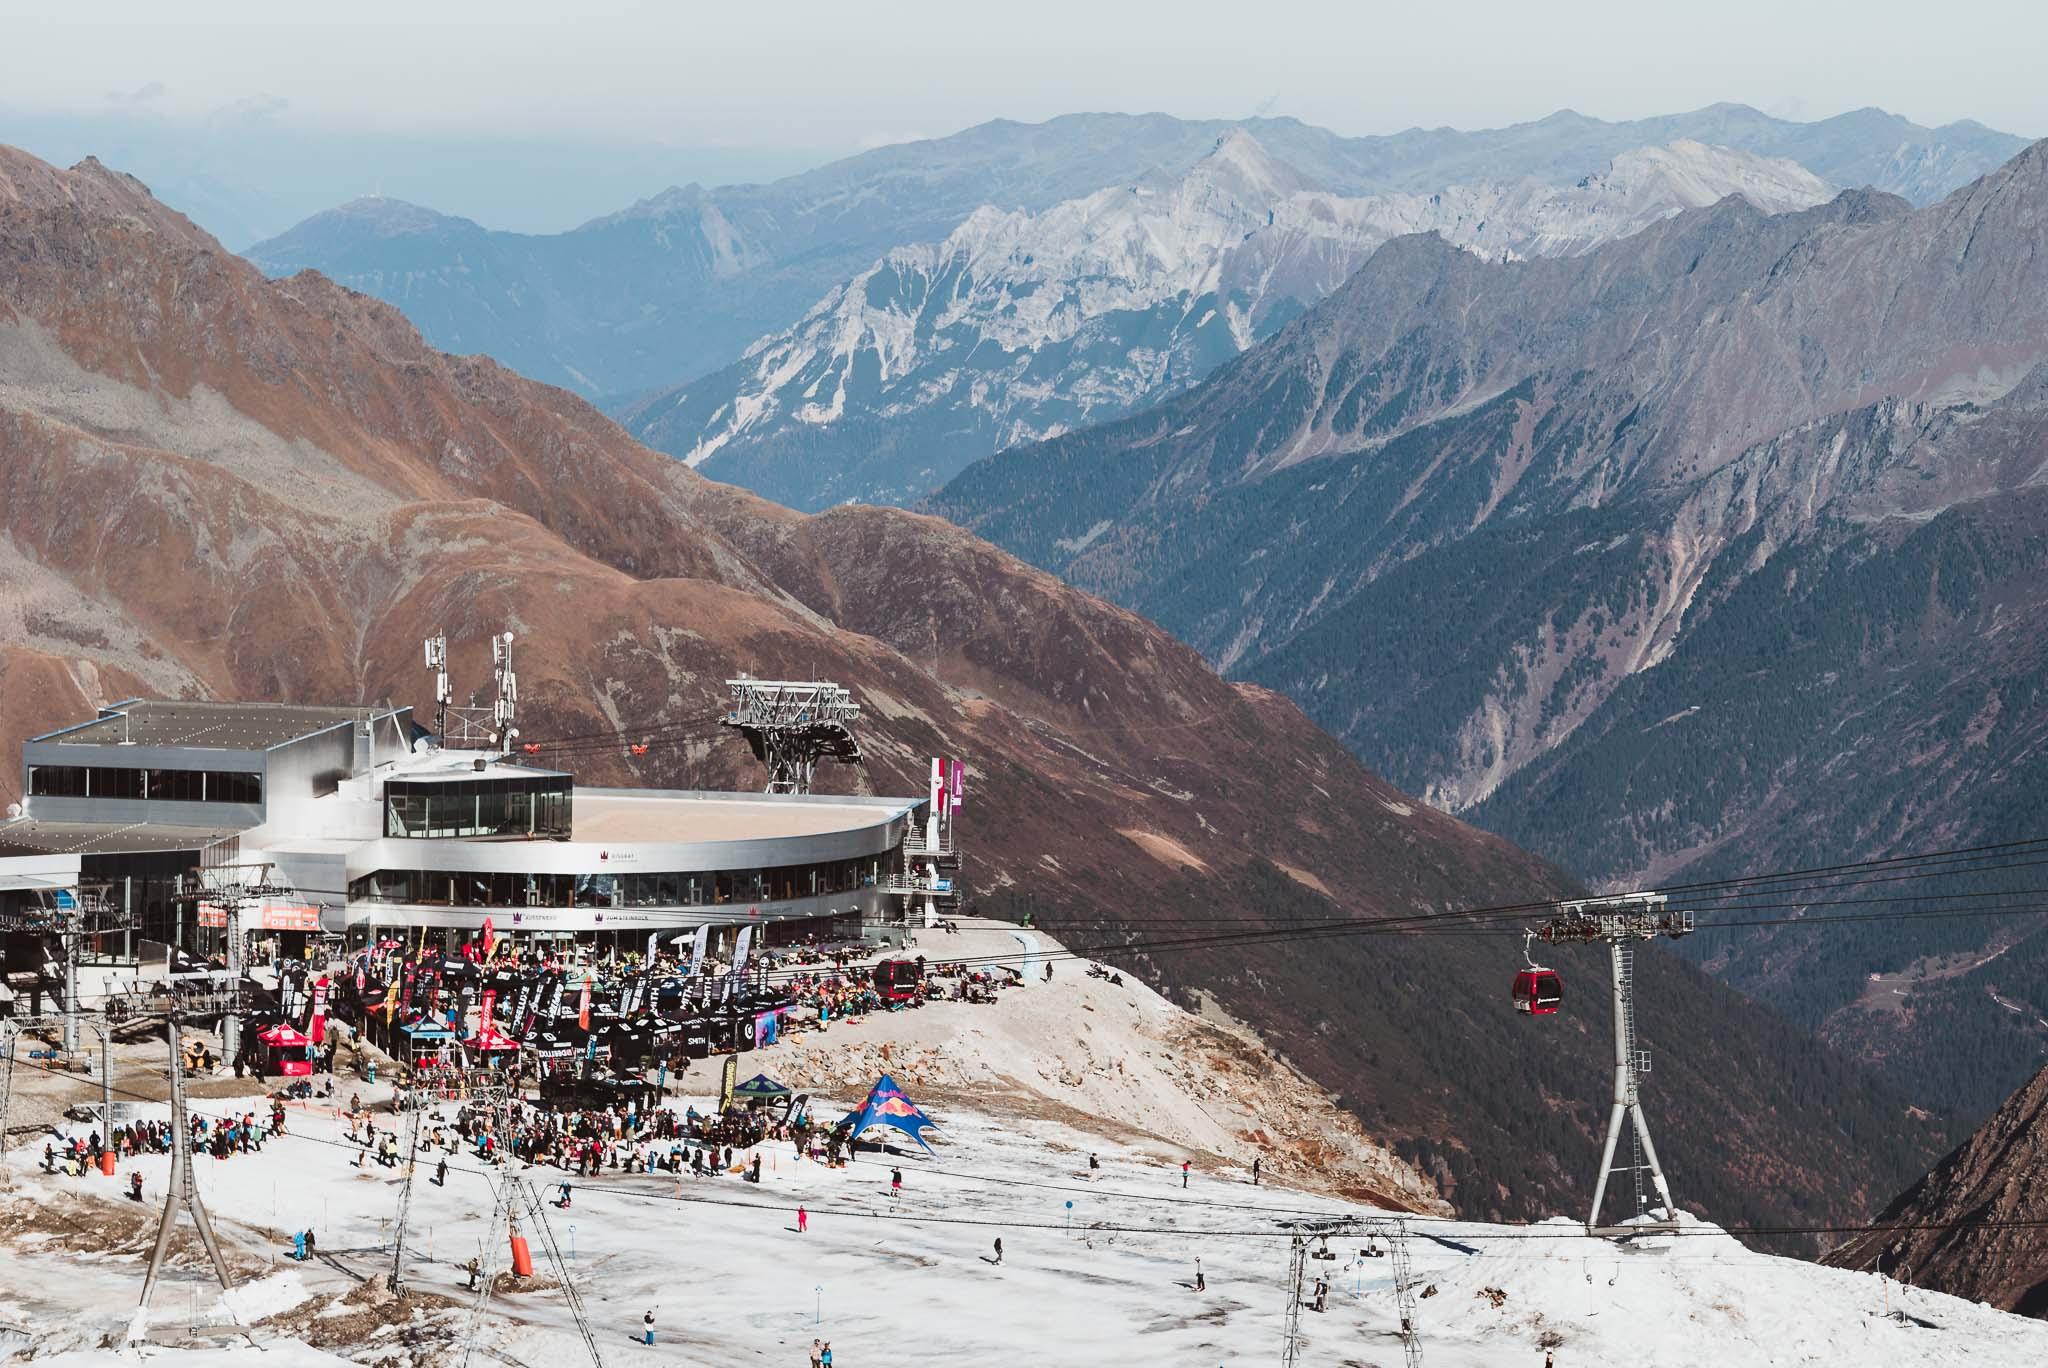 Der Blick vom Opening Park aus auf die Endstation der 3S Eisgratbahn sowie die Testival Area.